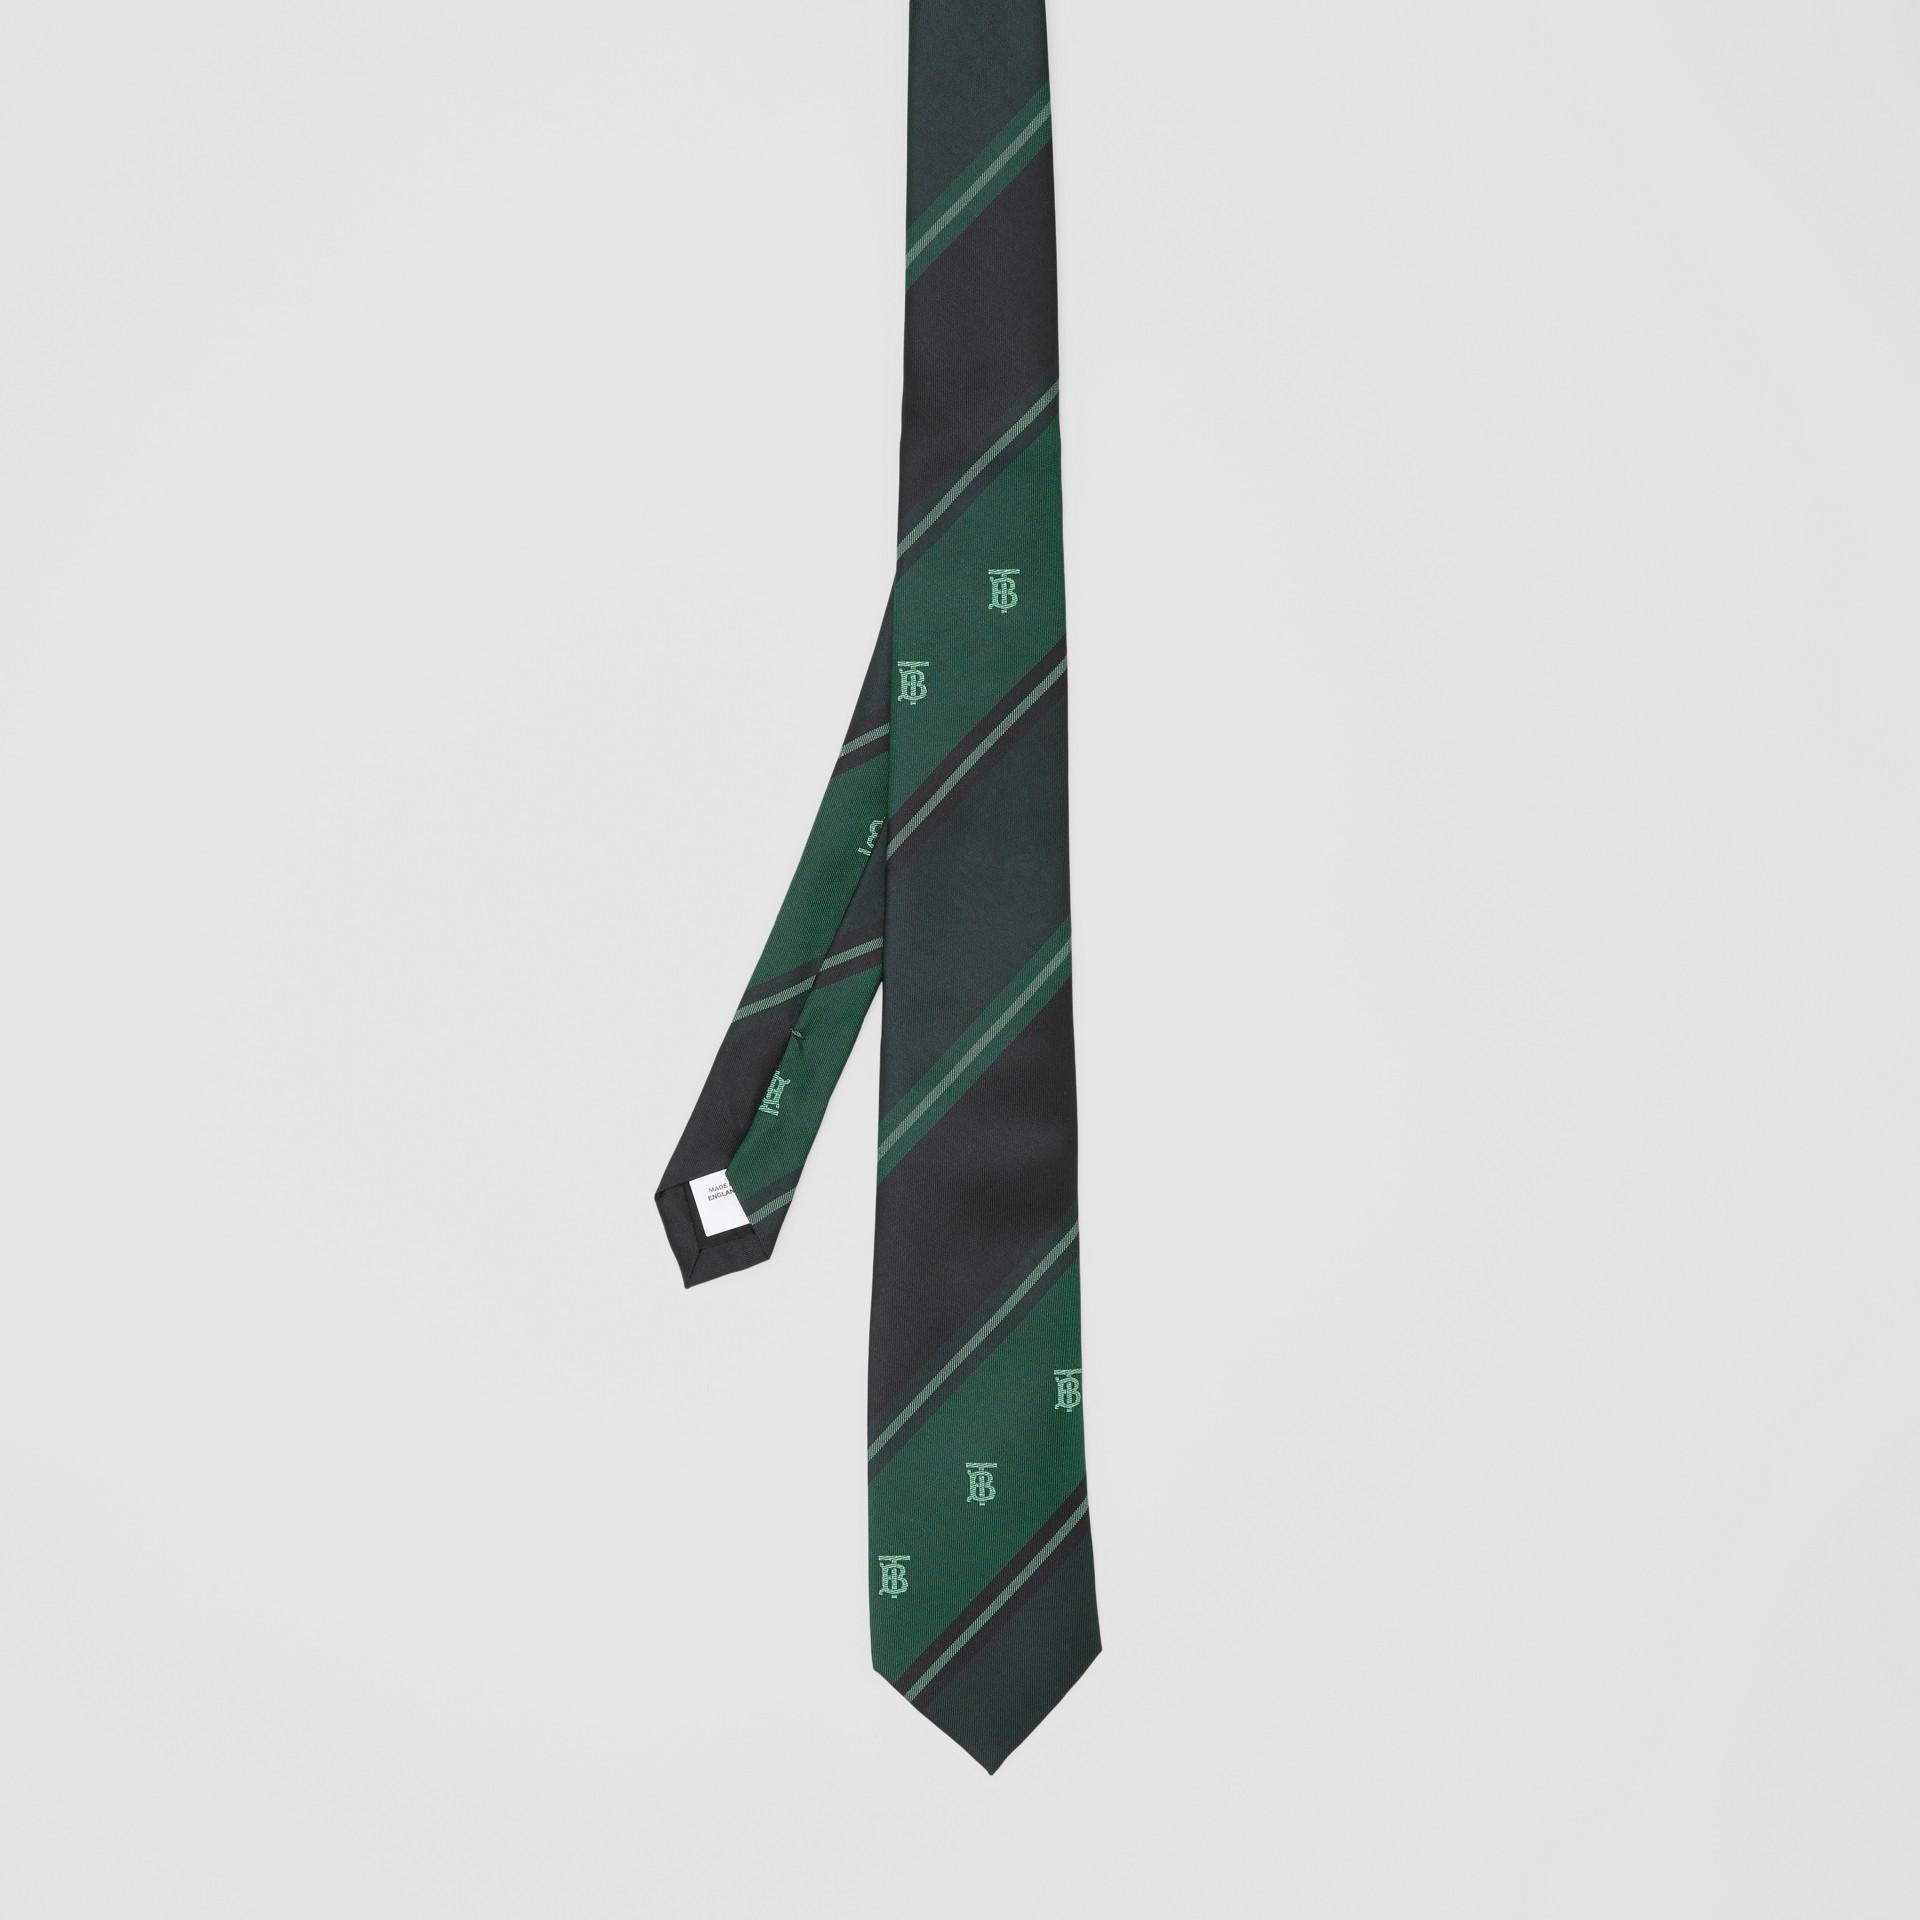 Cravate classique rayée en jacquard de soie Monogram (Vert Forêt) - Homme | Burberry Canada - photo de la galerie 4